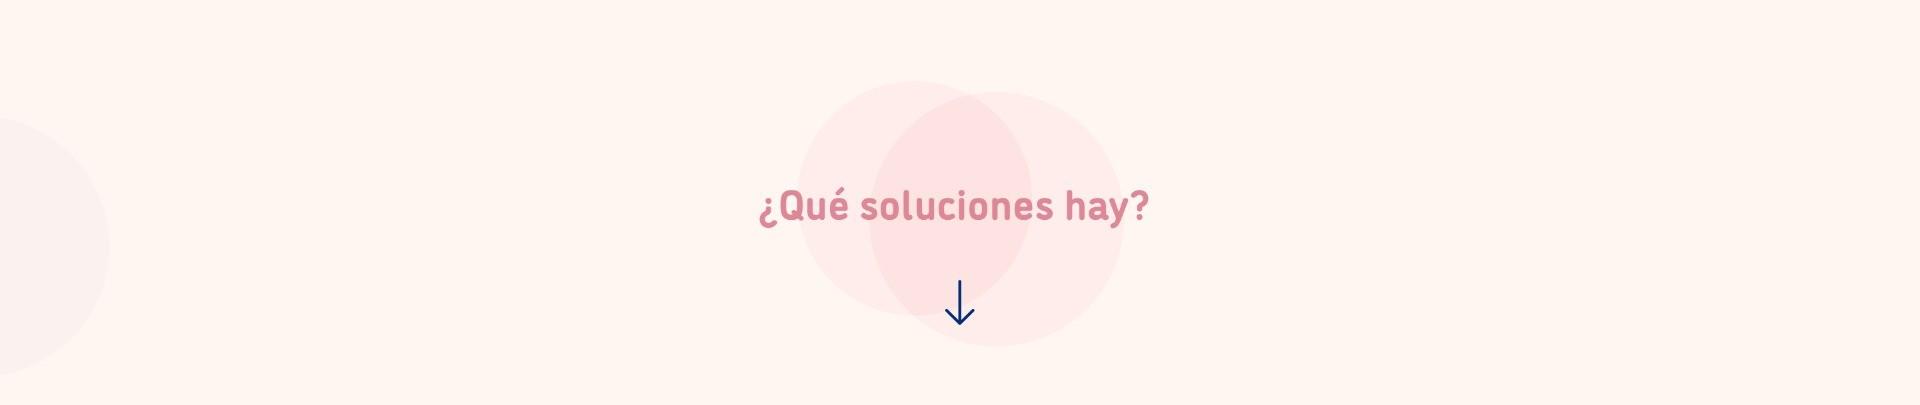 Qué soluciones hay